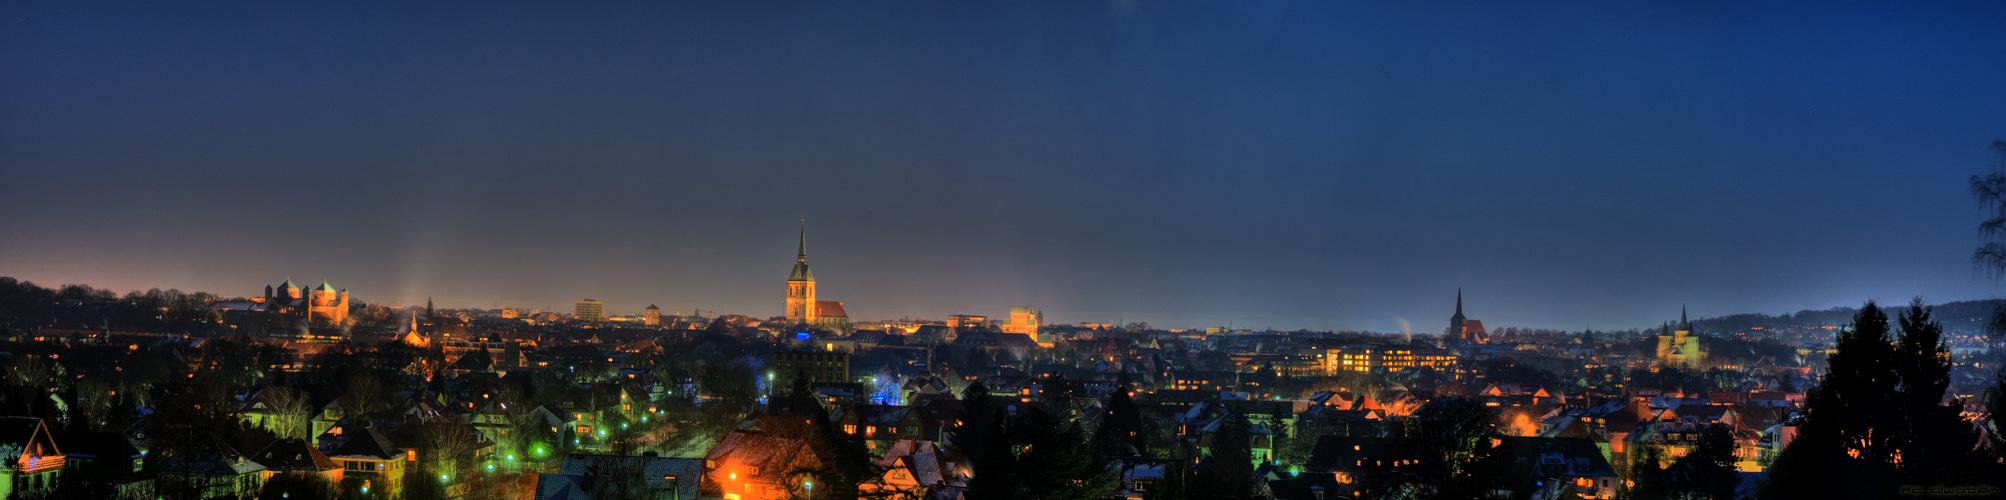 Hildesheim vom Berghölzchen HDR